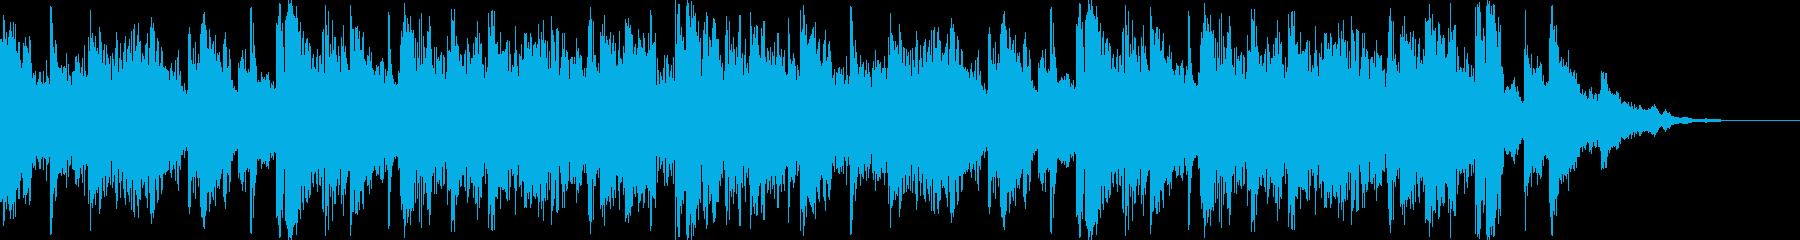 ジングル・ホラー・エレクトロ・疾走感・罠の再生済みの波形